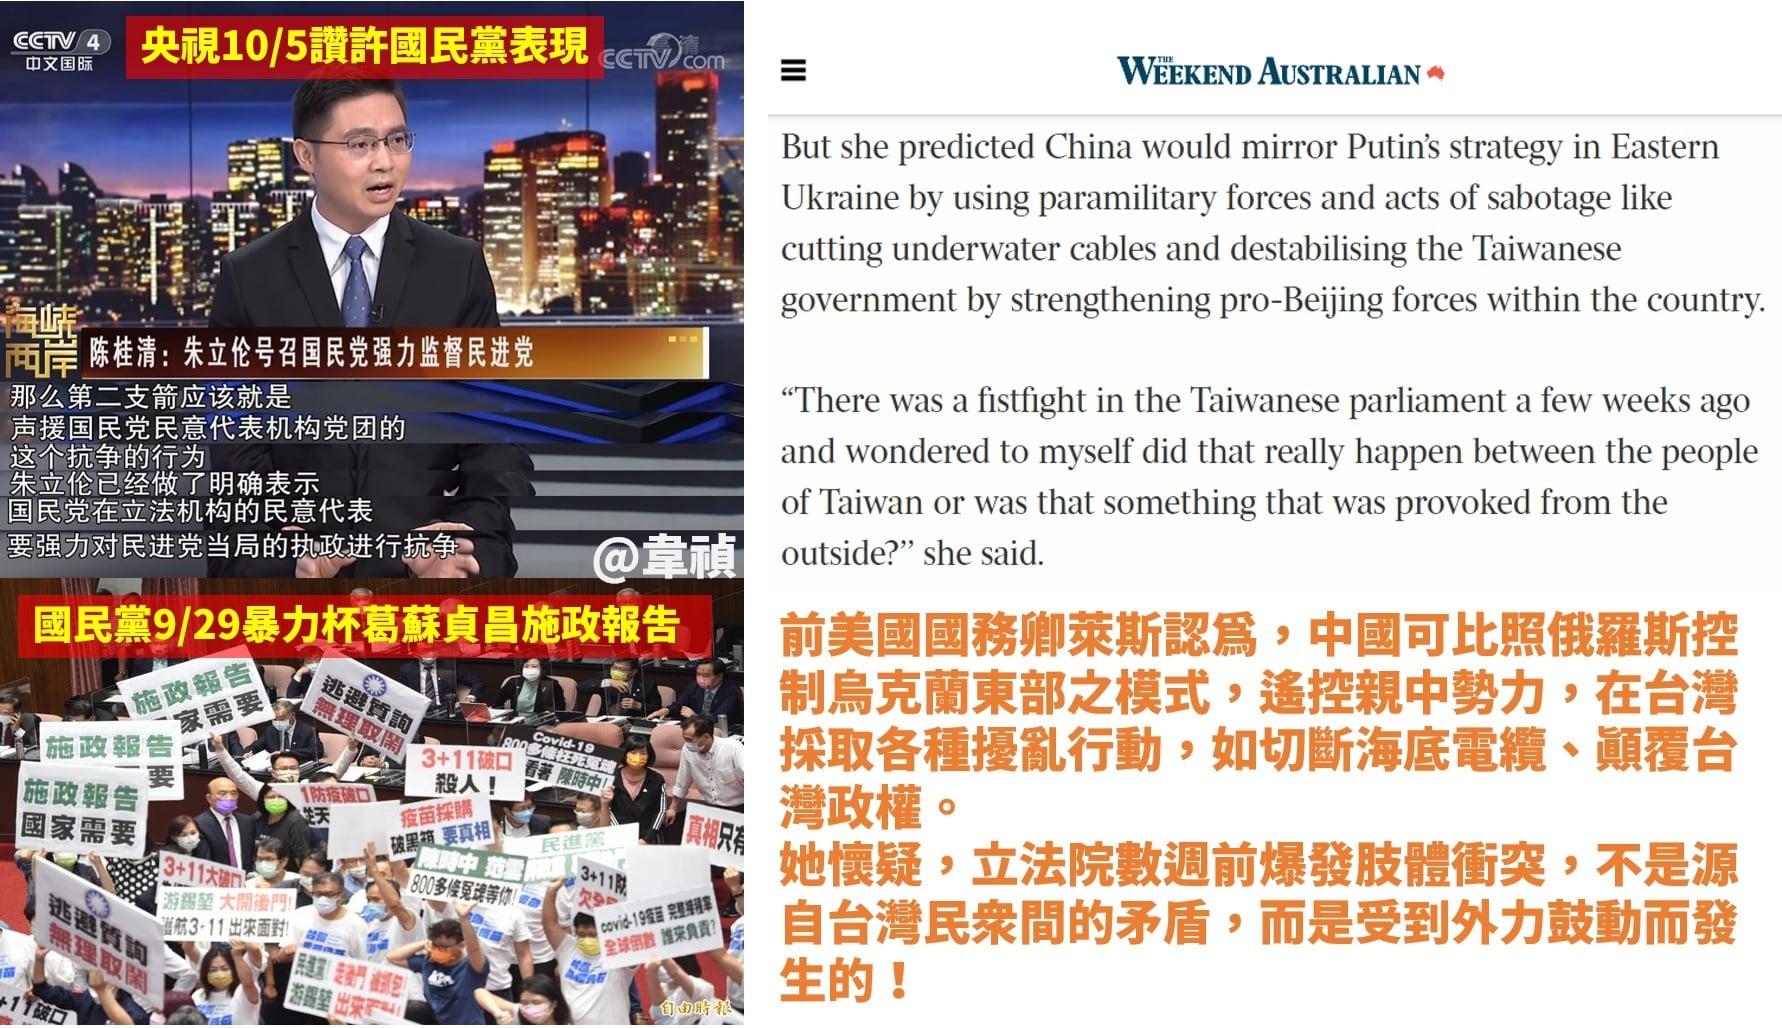 萊斯認證國民黨是中國內應